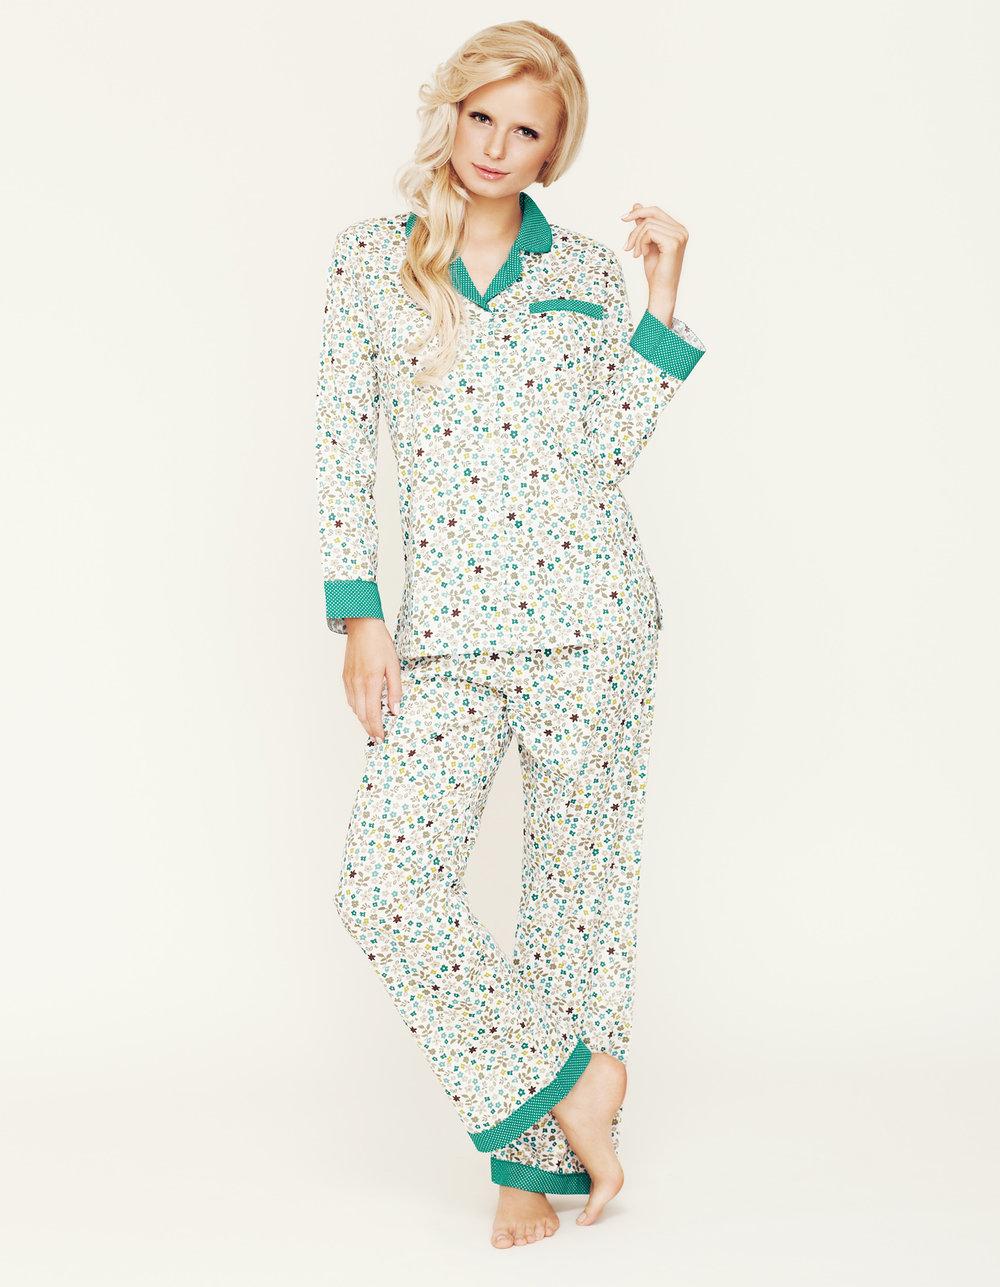 pijamas__MG_8372.jpg